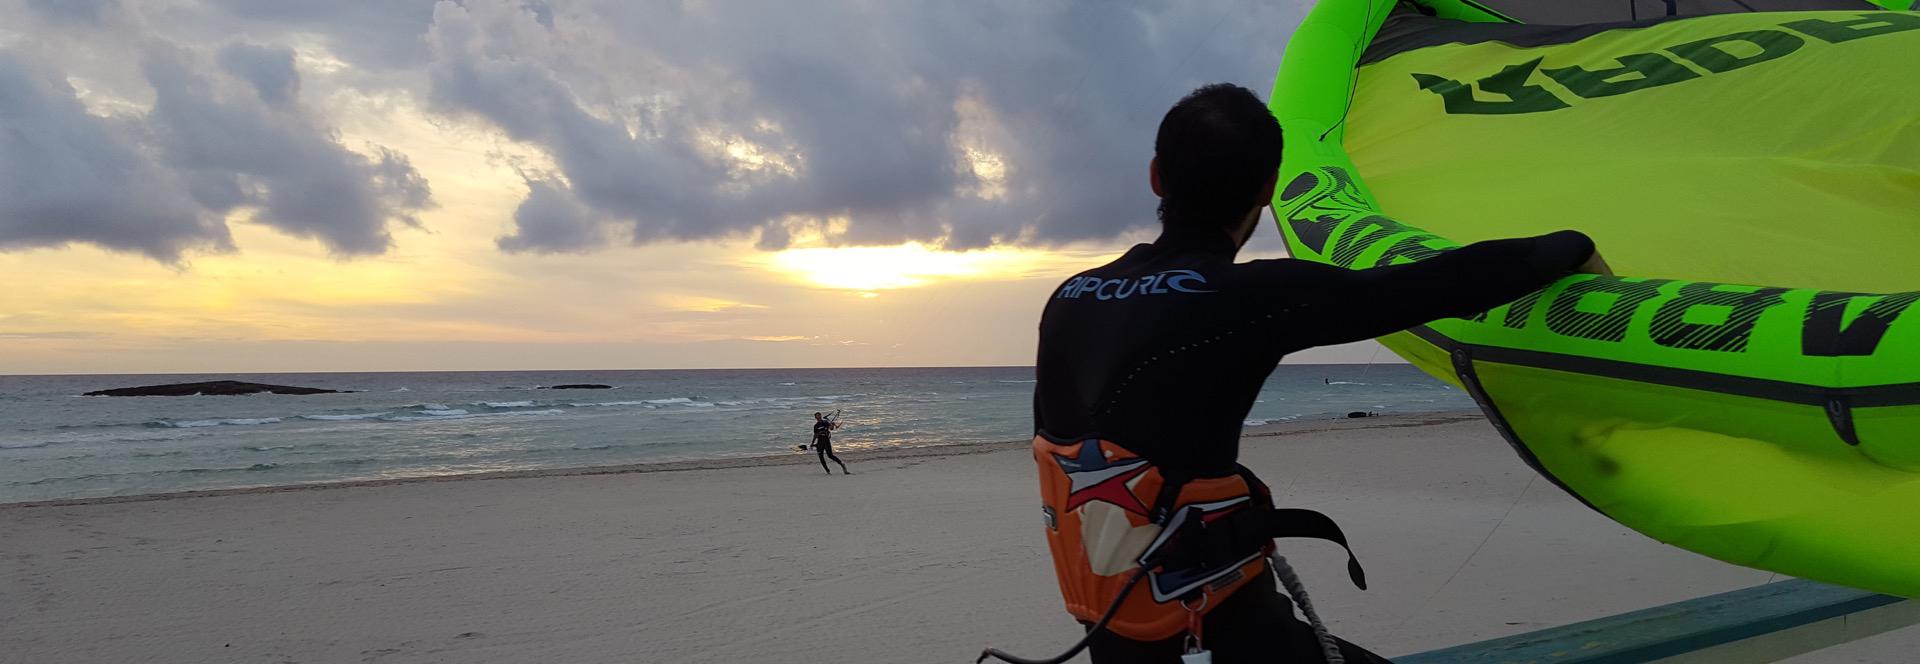 Sun-Set-Kitesurfing